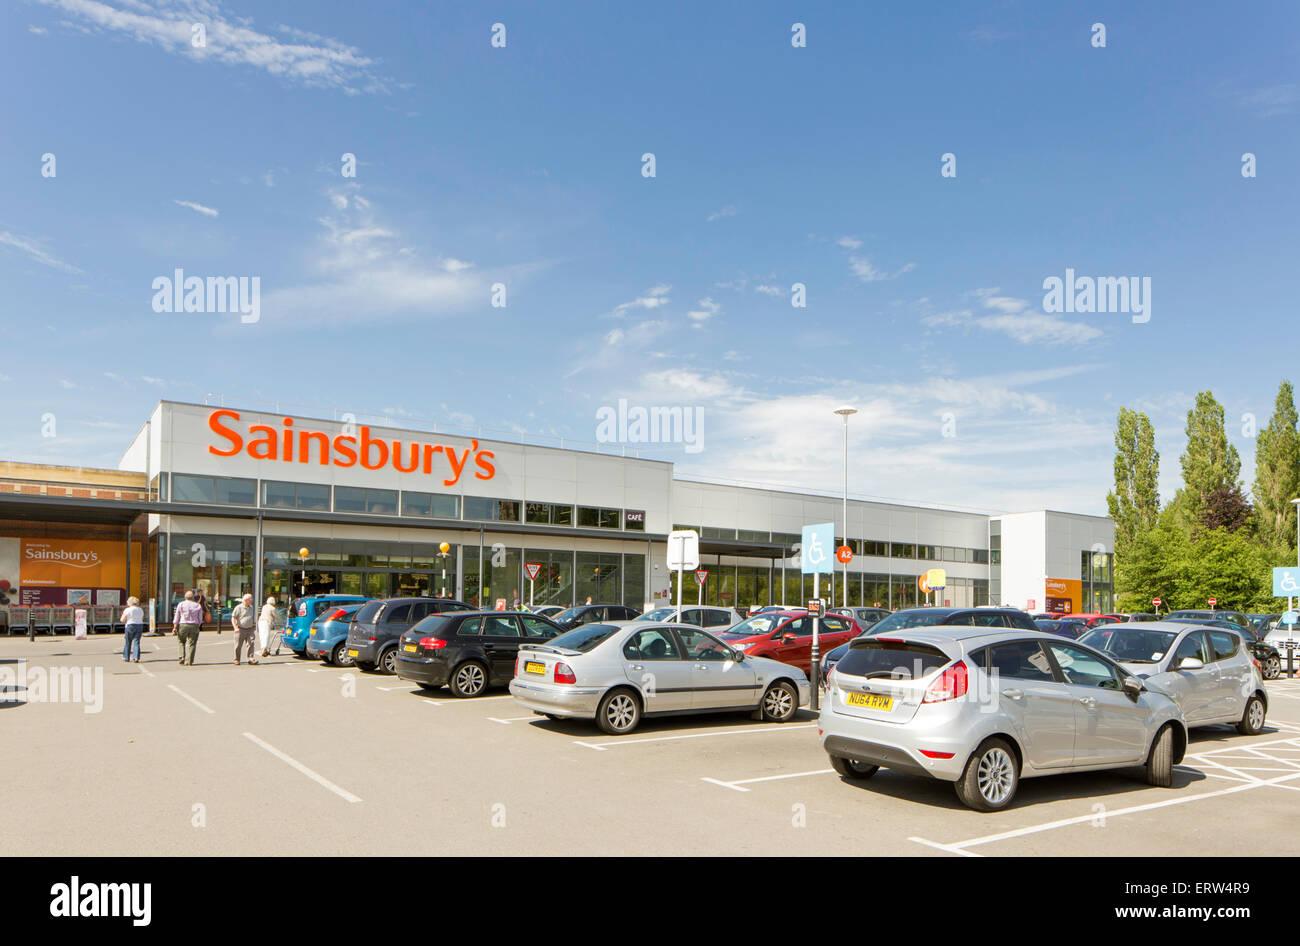 Sainsburys supermarket, Kidderminster, Worcestershire, England, UK - Stock Image